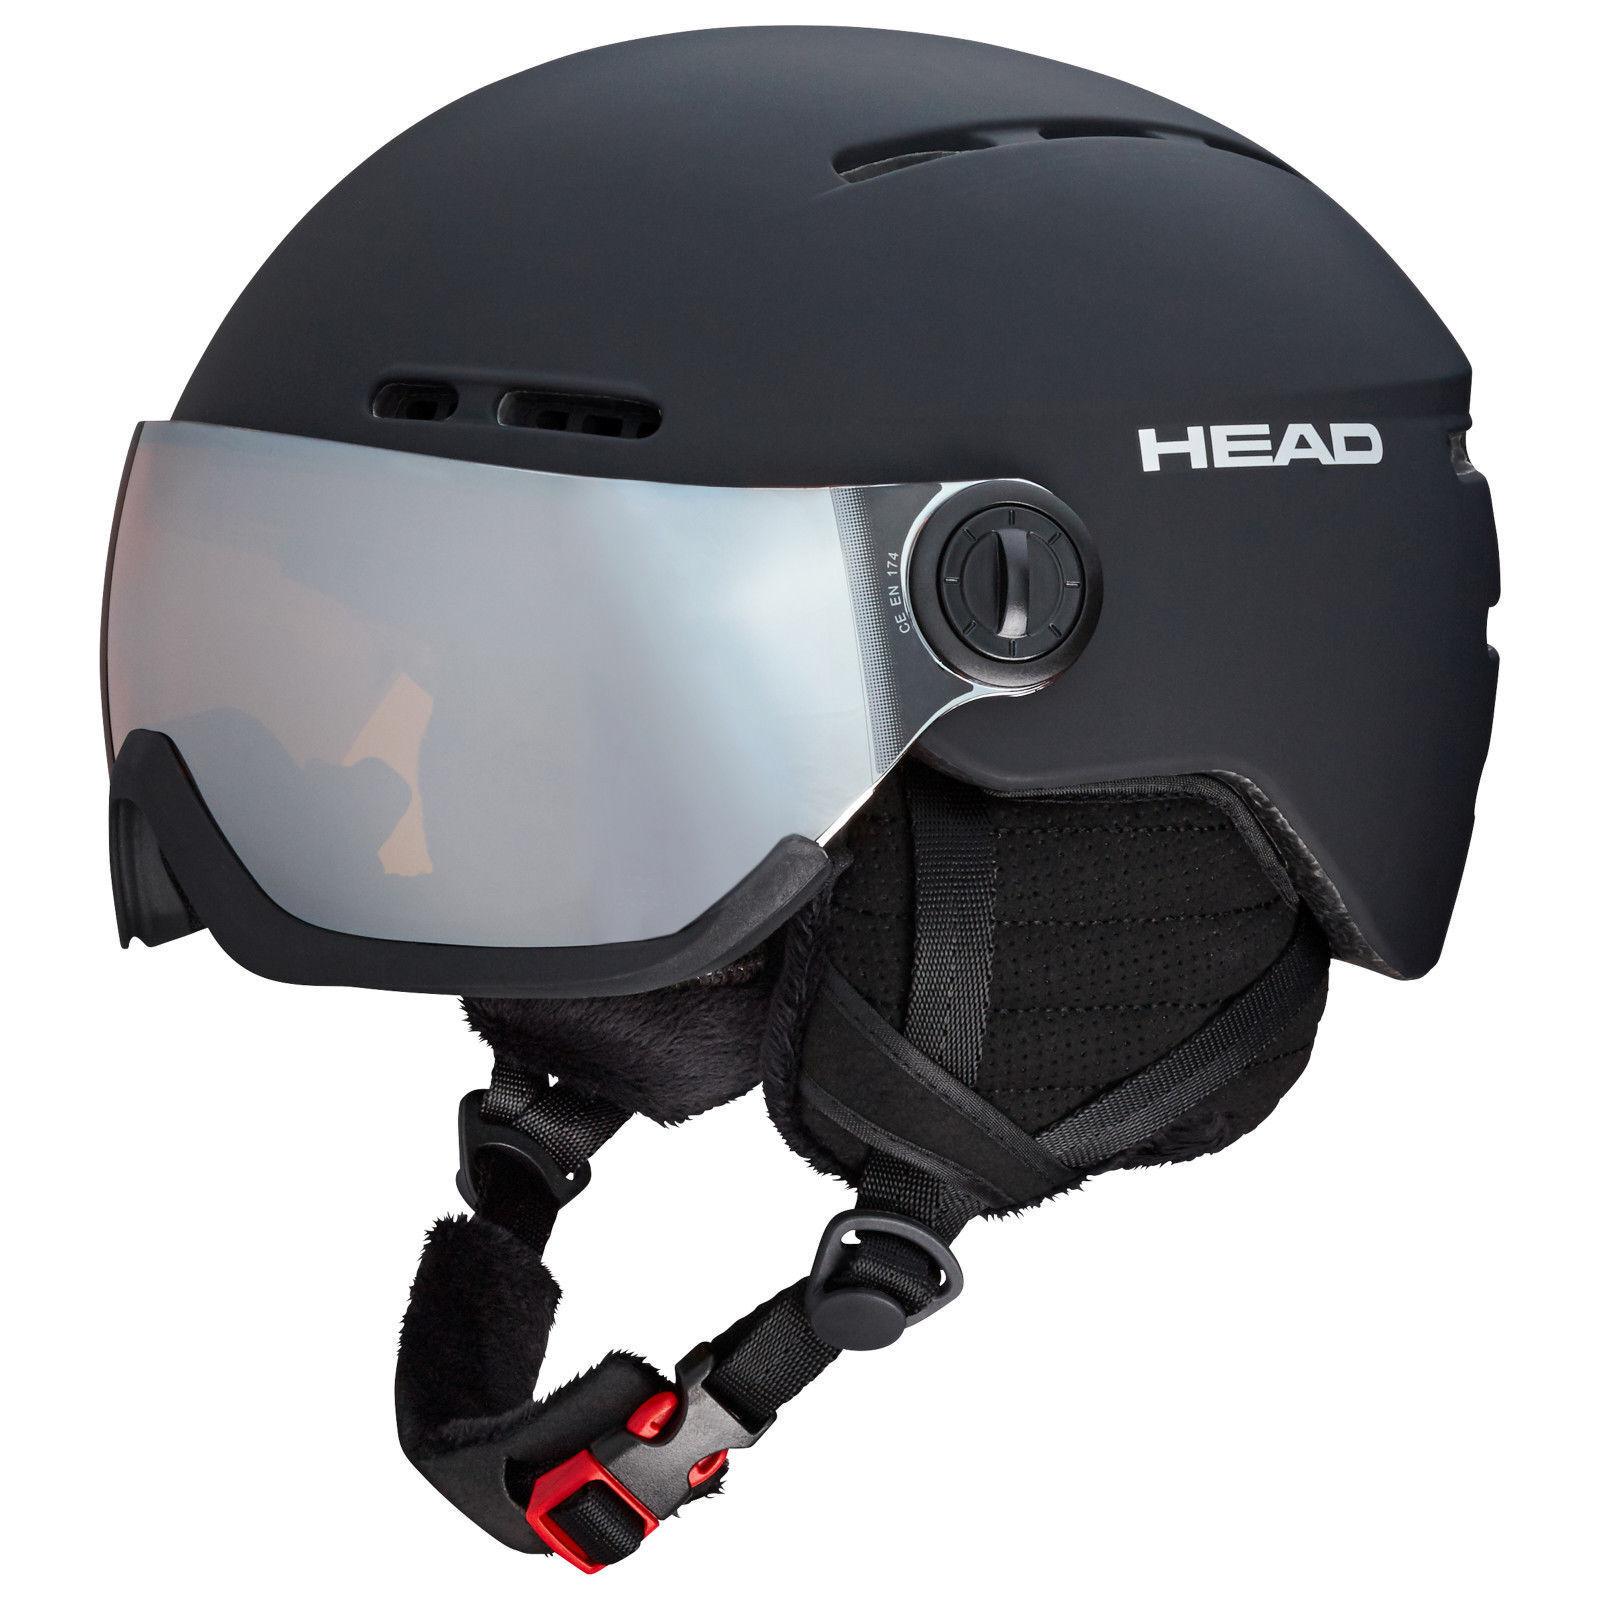 HEAD Skihelm KNIGHT schwarz Visierhelm Größenwahl Modell 2018 2019  NEUWARE